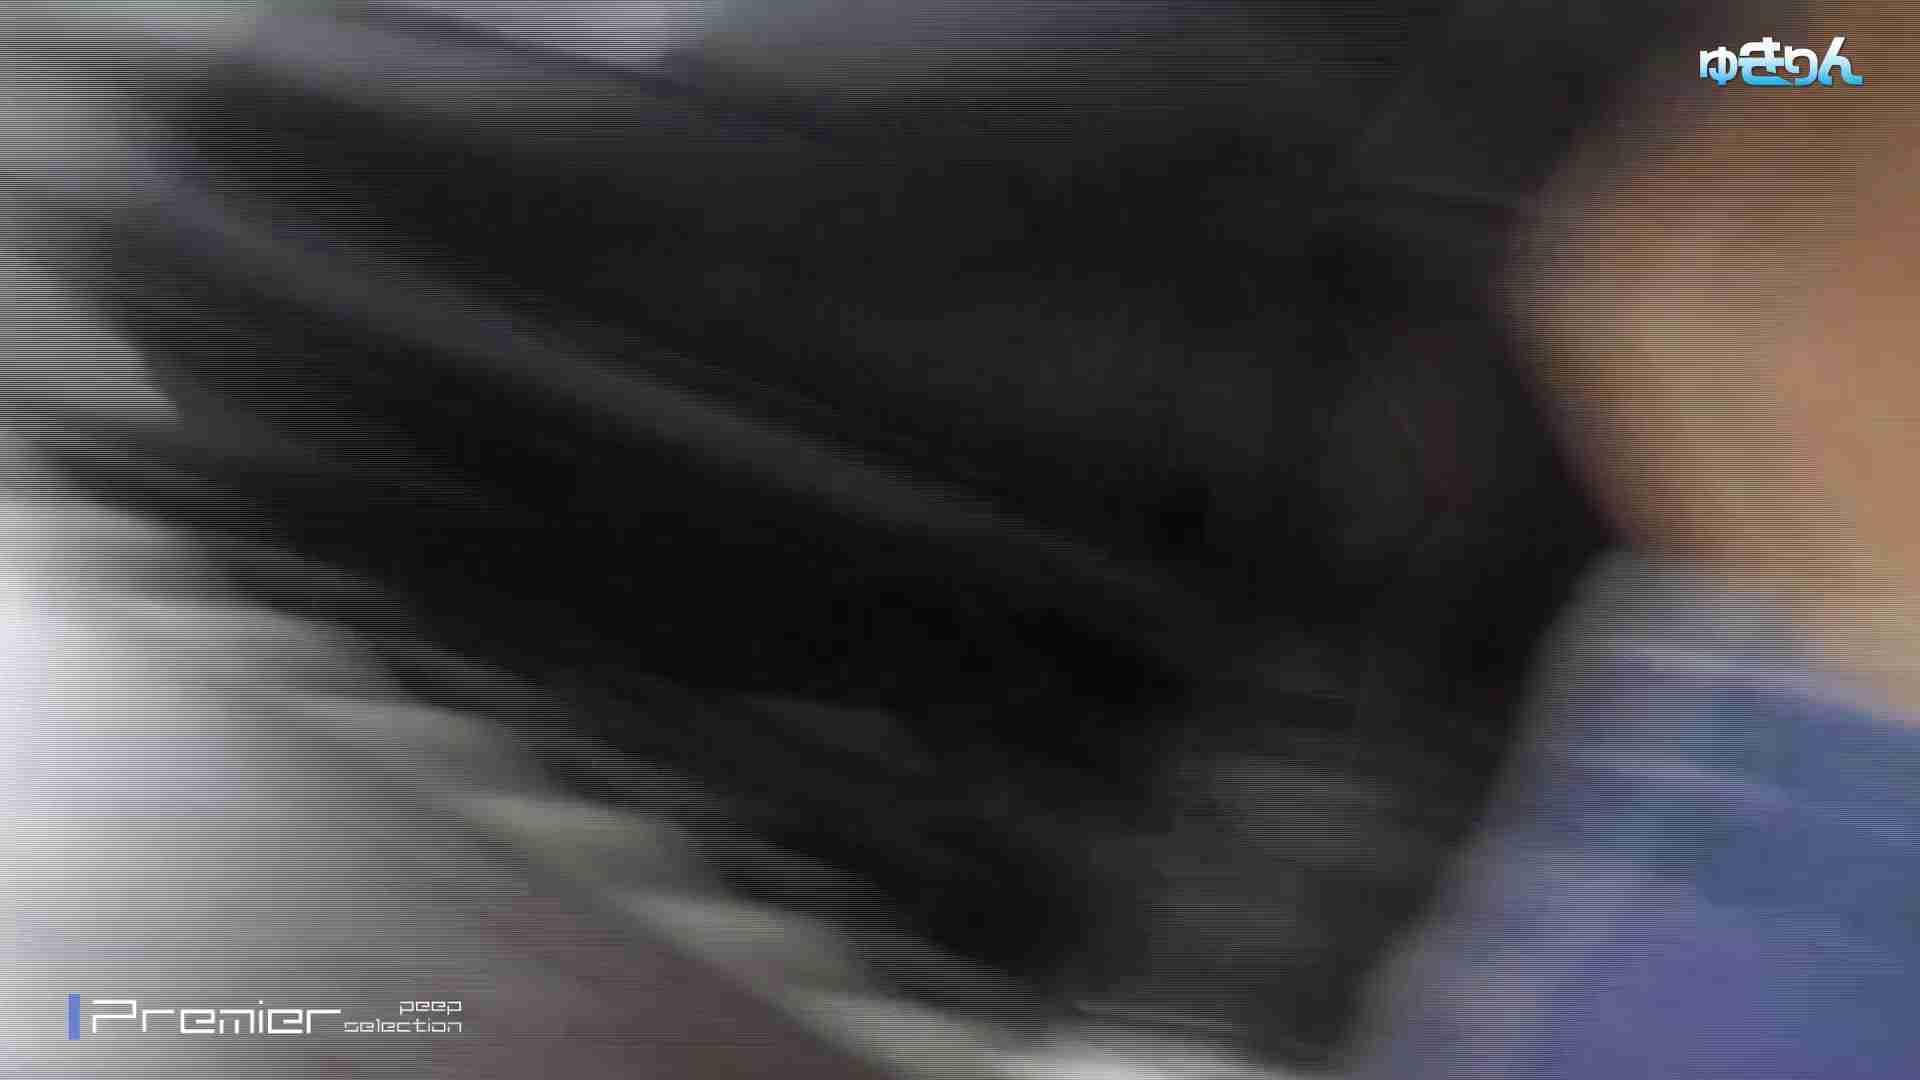 ステーション編 vol63 ハイヒール花柄に注目 丸見え  58画像 36